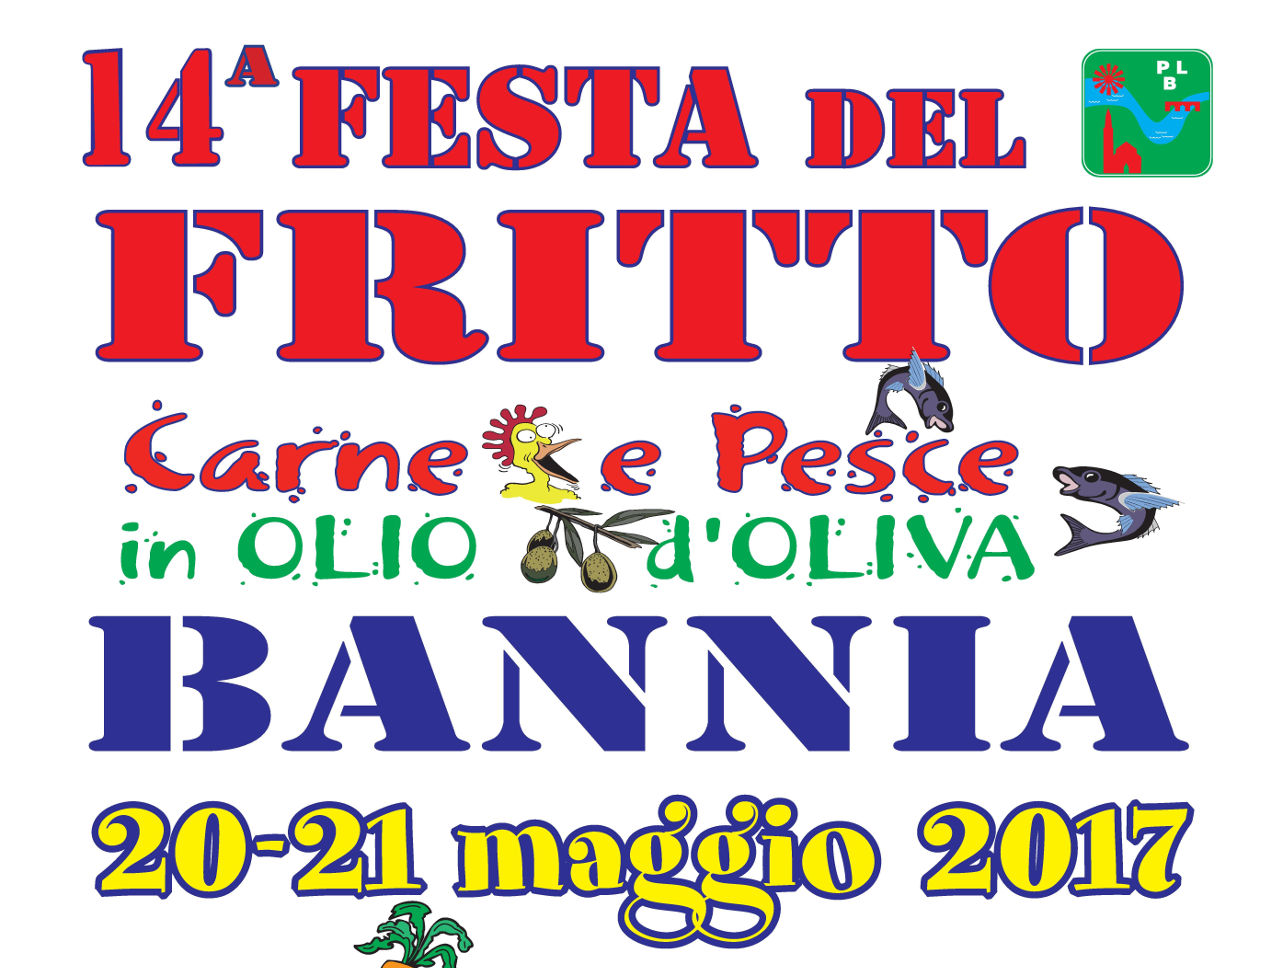 14° Festa del Fritto